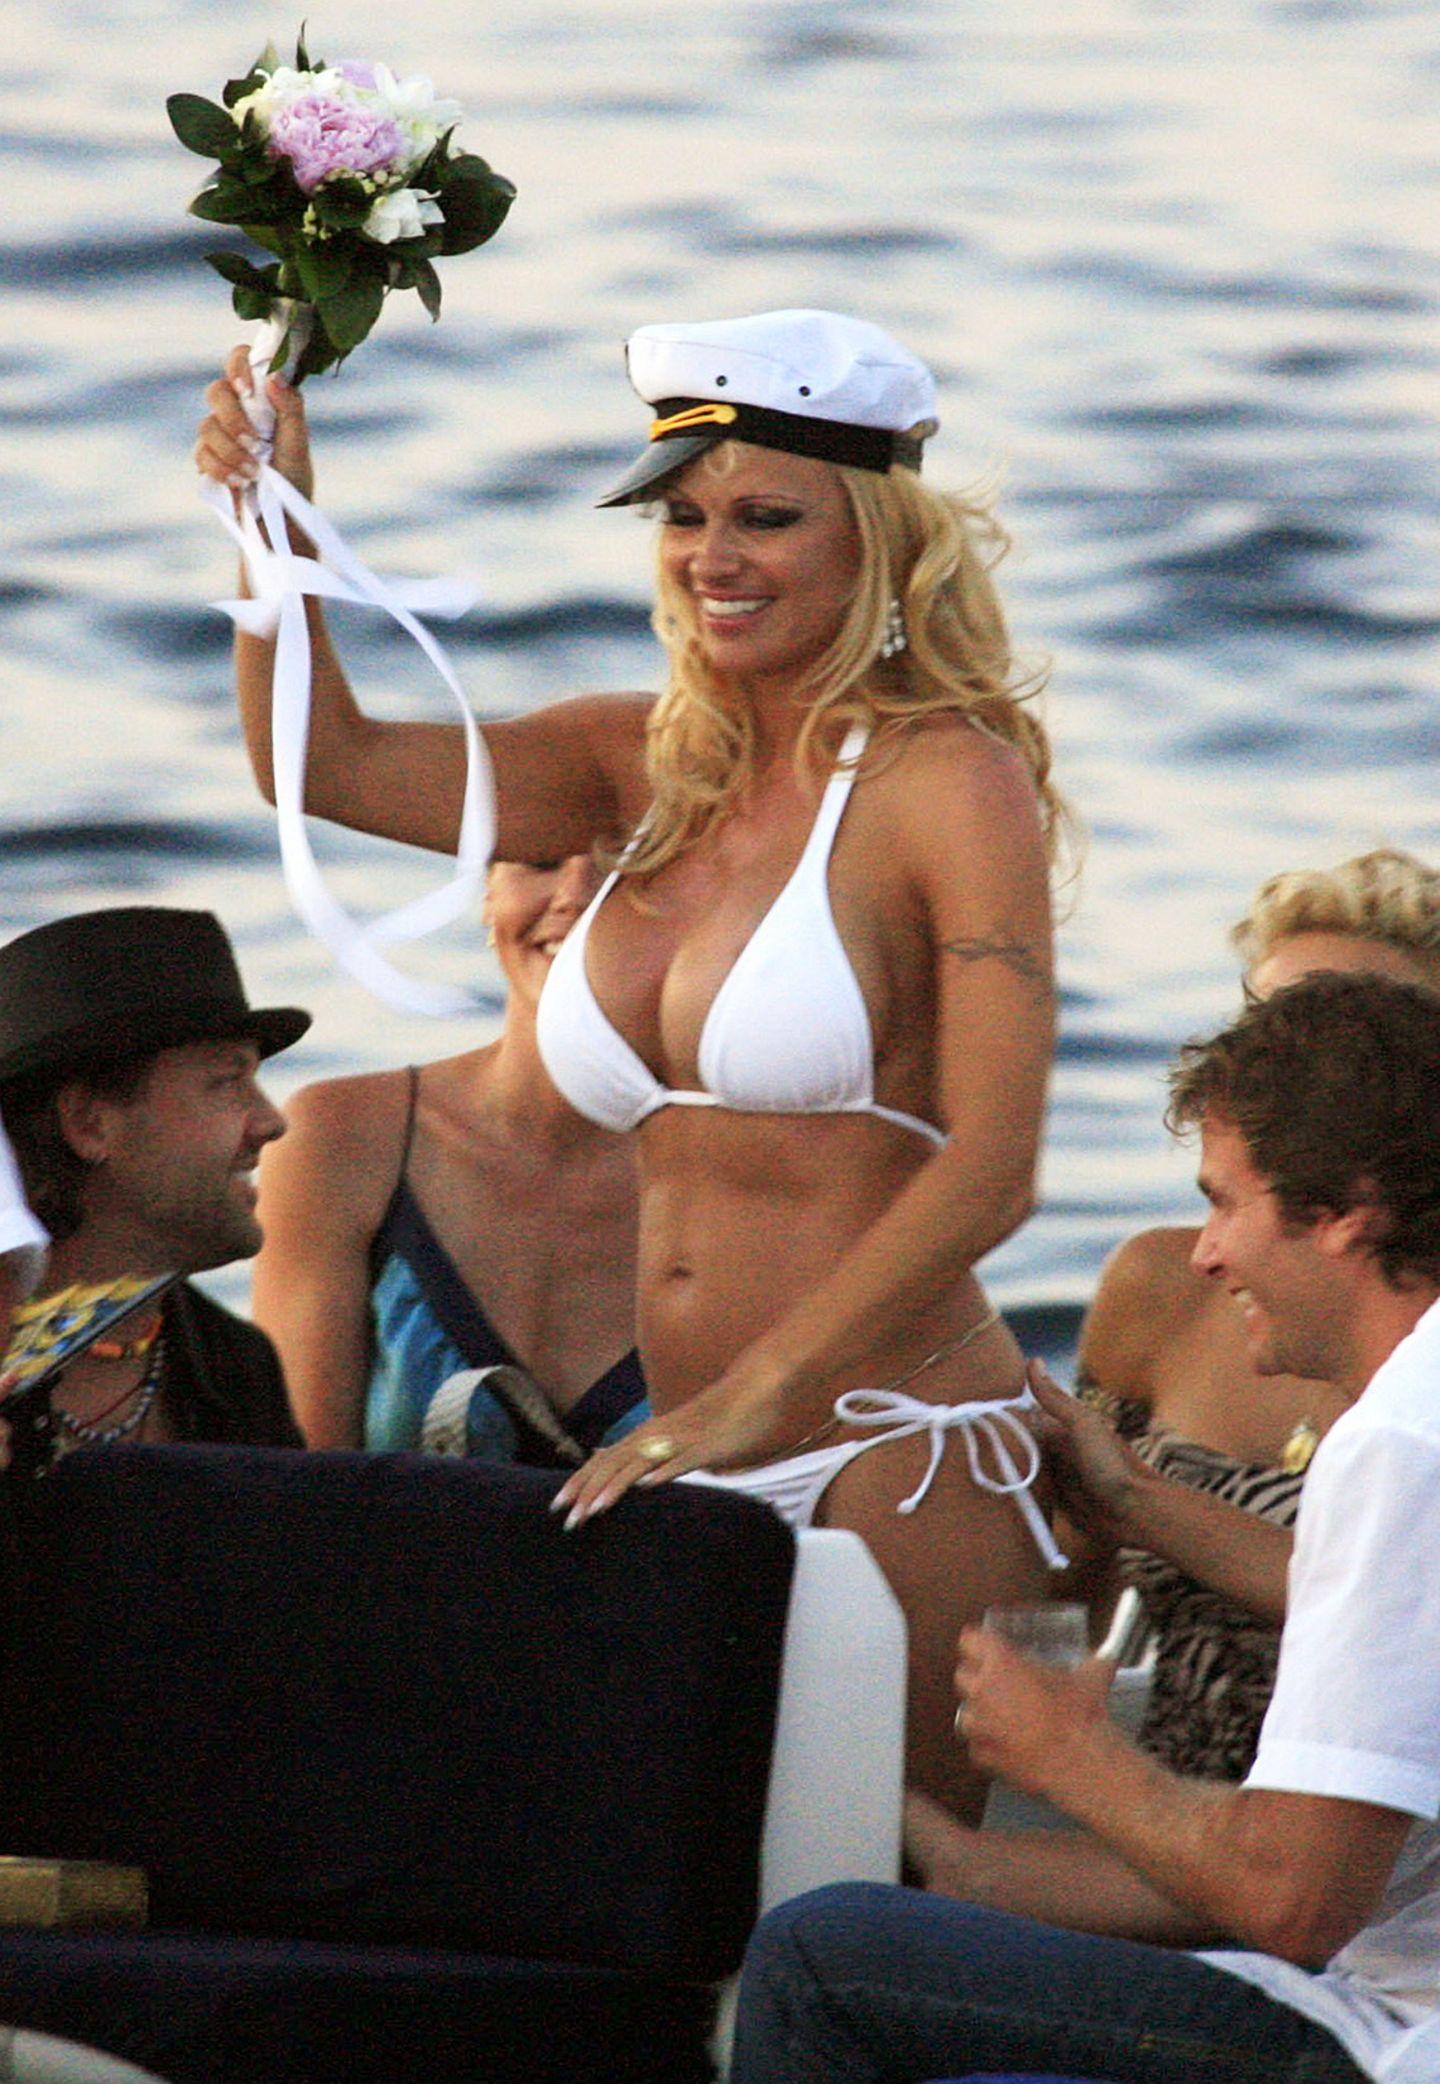 """Wer sonst als Ex-""""Baywatch"""" Pamela Anderson hätte sich im weißen Mini-Bikini vor den """"Altar"""" getraut?! So sexy heiratete sie im Juli 2006 den Musiker Kid Rock. Genützt hat ihr mutiges Hochzeitsoutfit aber nichts, die Ehe hielt gerade mal ein paar Monate, die Scheidung wurde schon im November des selben Jahre eingereicht."""